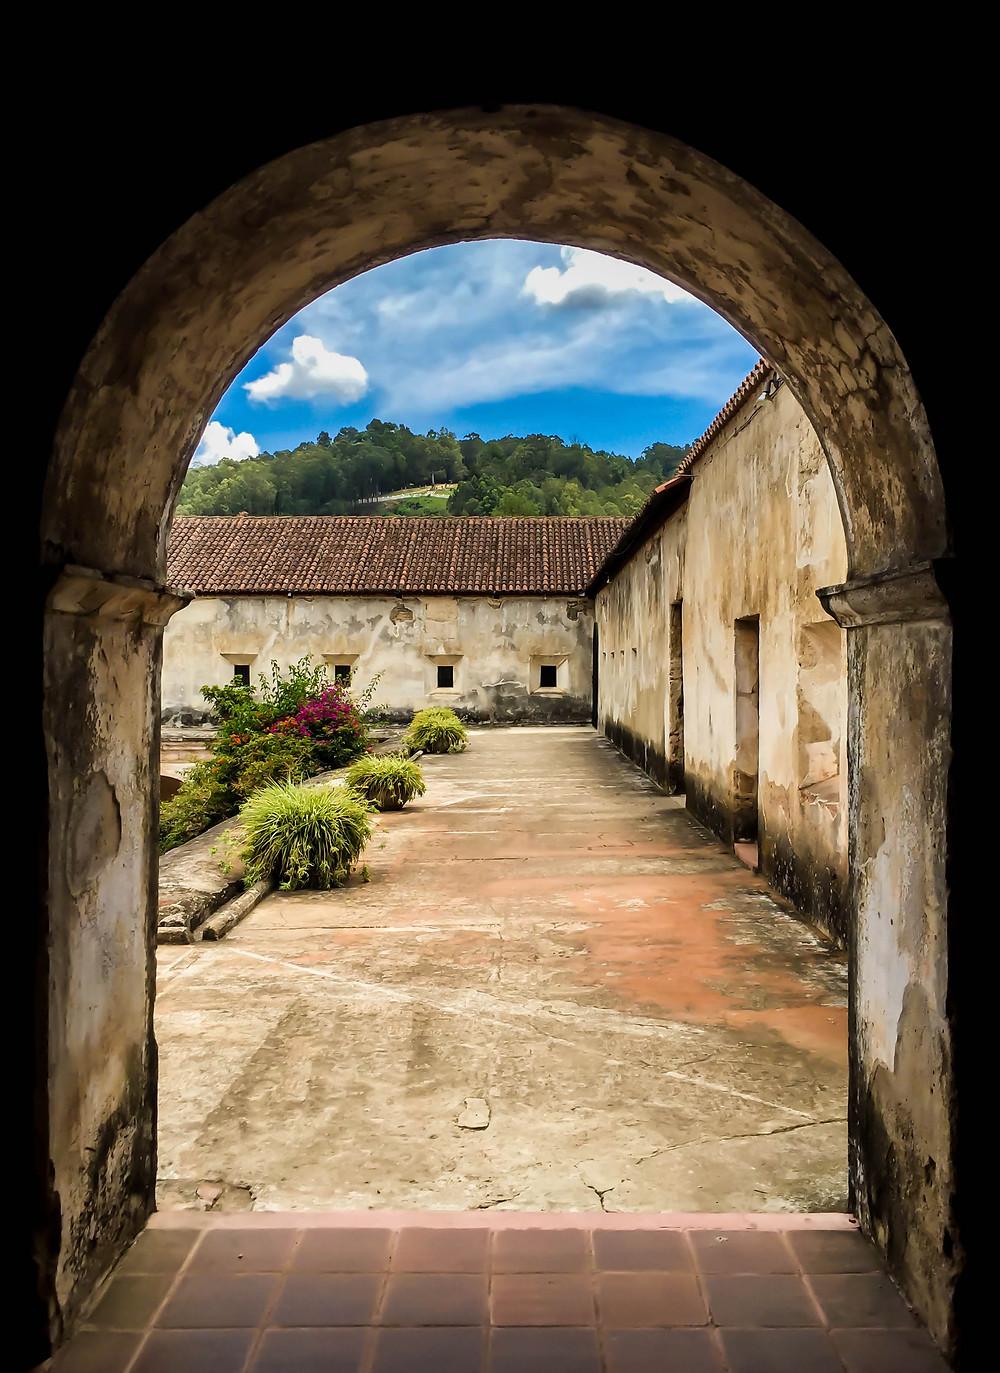 Convento de las Capuchinas, Antigua de Guatemala